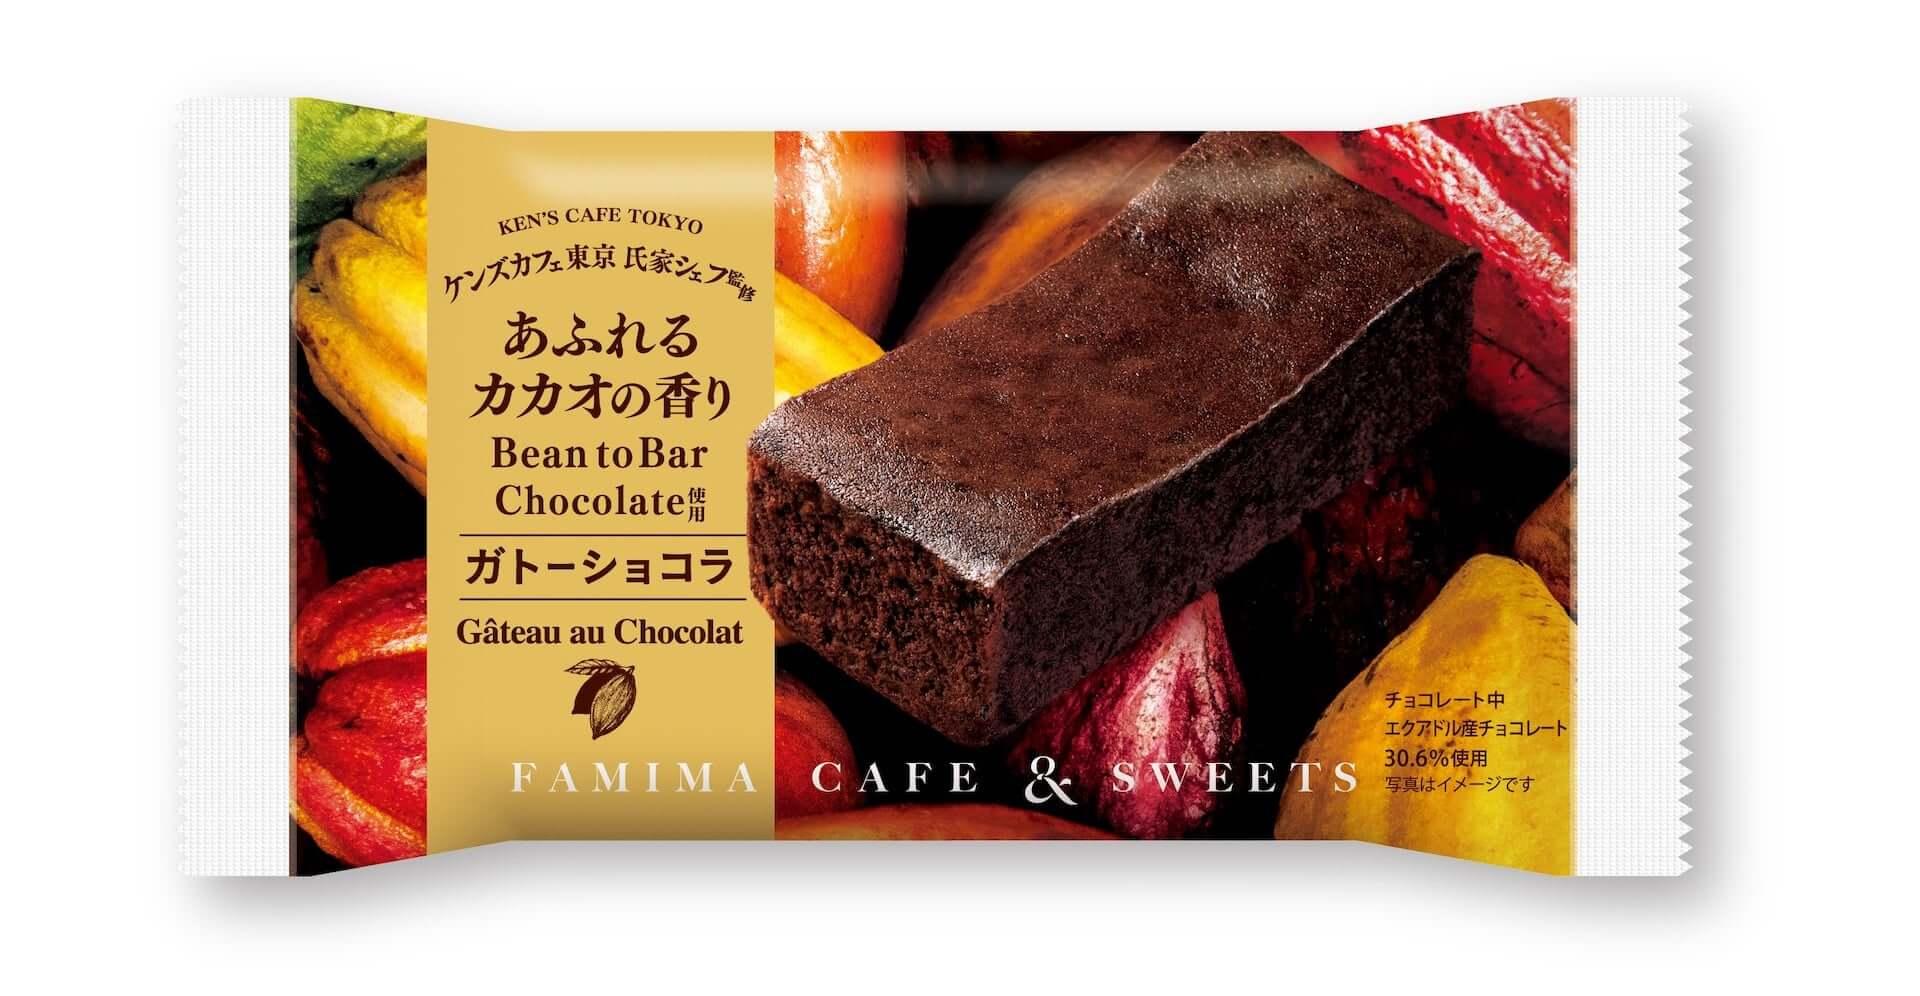 ファミリーマートがオリジナルのBean to Barチョコレートを開発!ケンズカフェ東京のシェフが監修した『ガトーショコラ』など新商品5種類が発売決定 gourmet201012_famima_4-1920x996